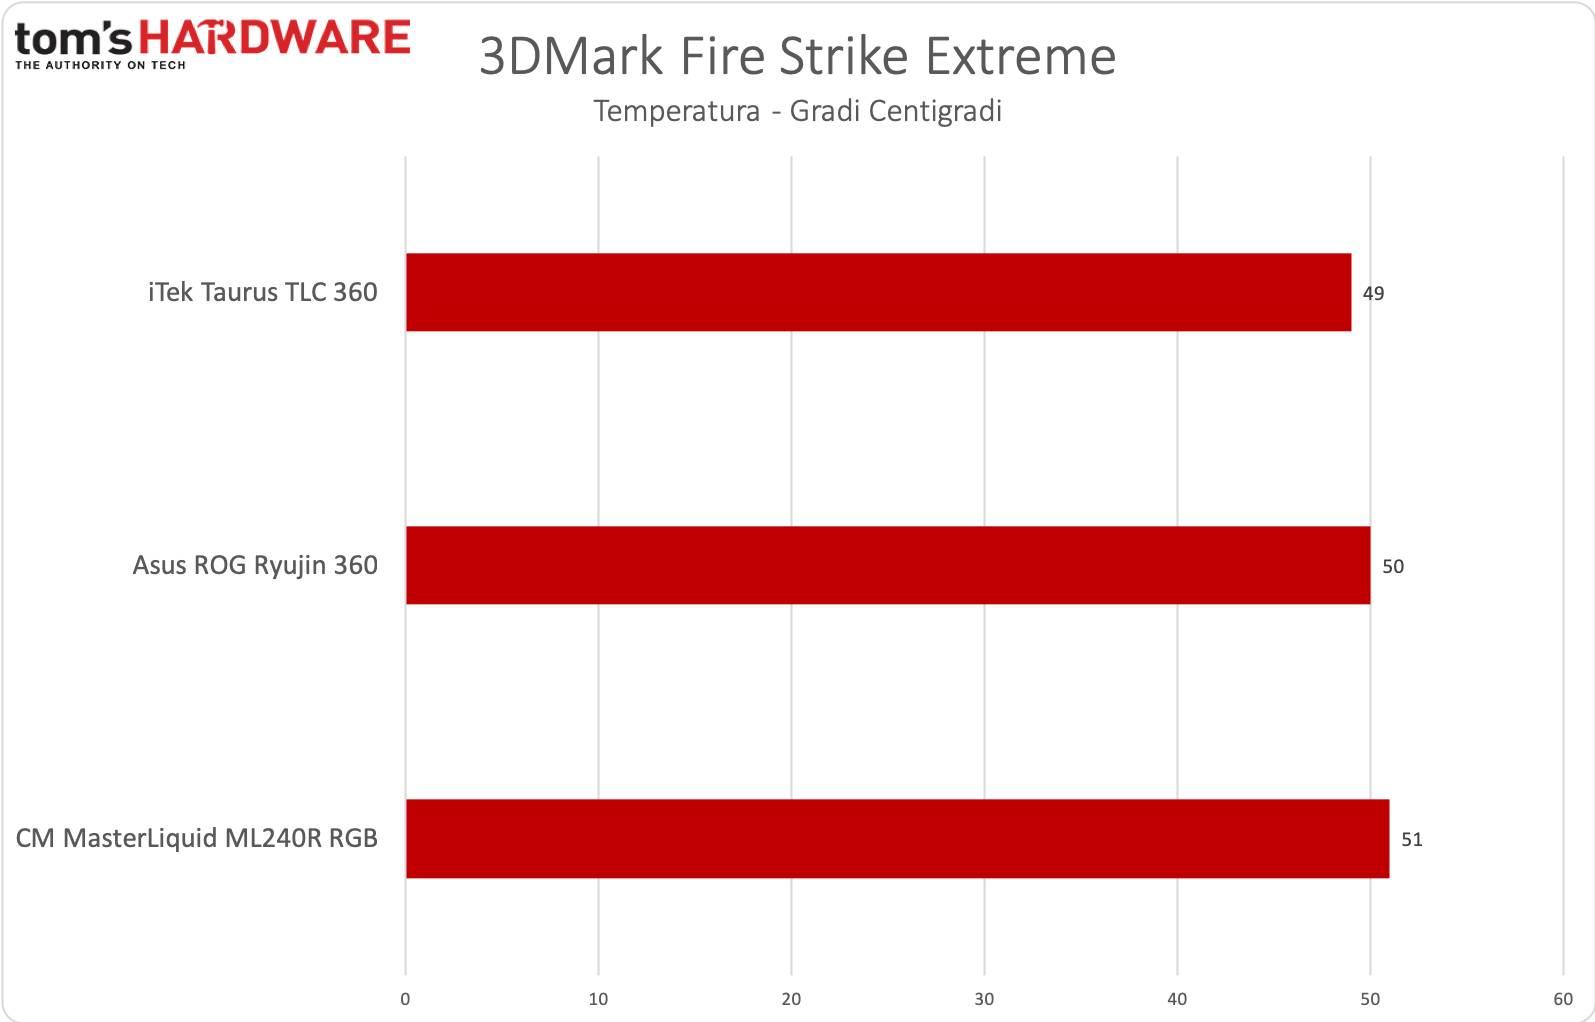 iTek Taurus 360 - Fire Strike Extreme